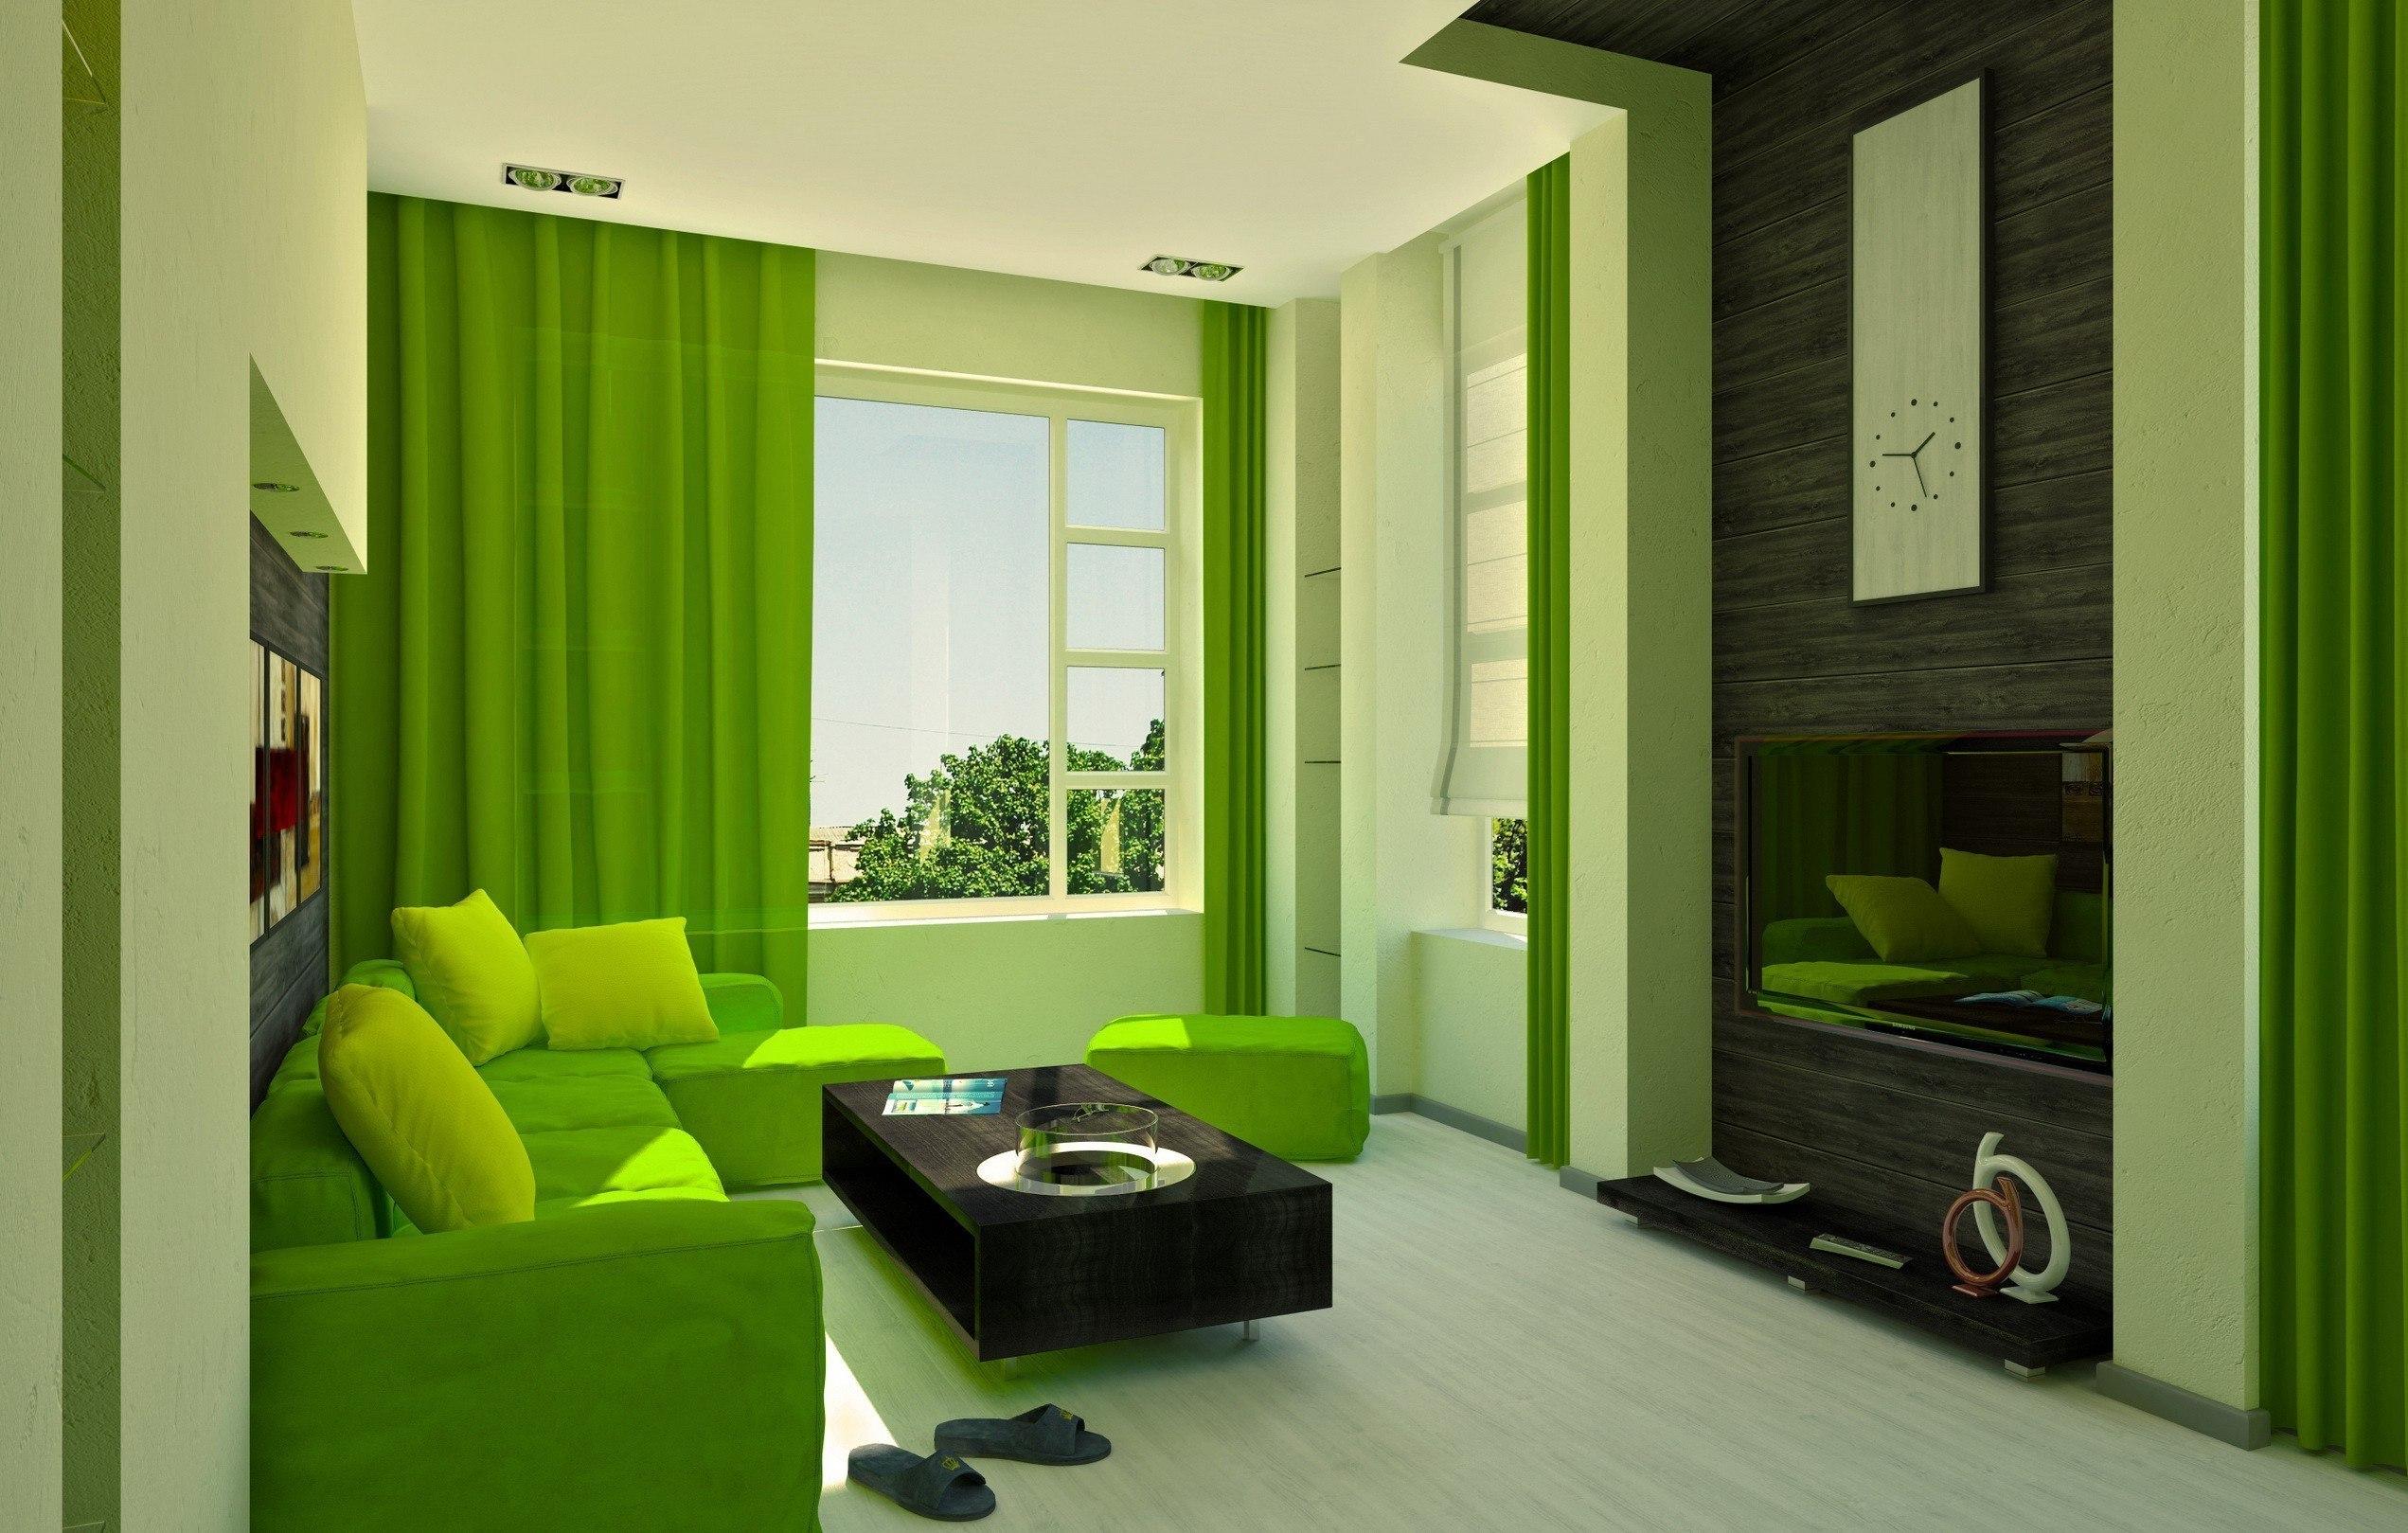 Дизайн комнаты в салатовом цвете фото